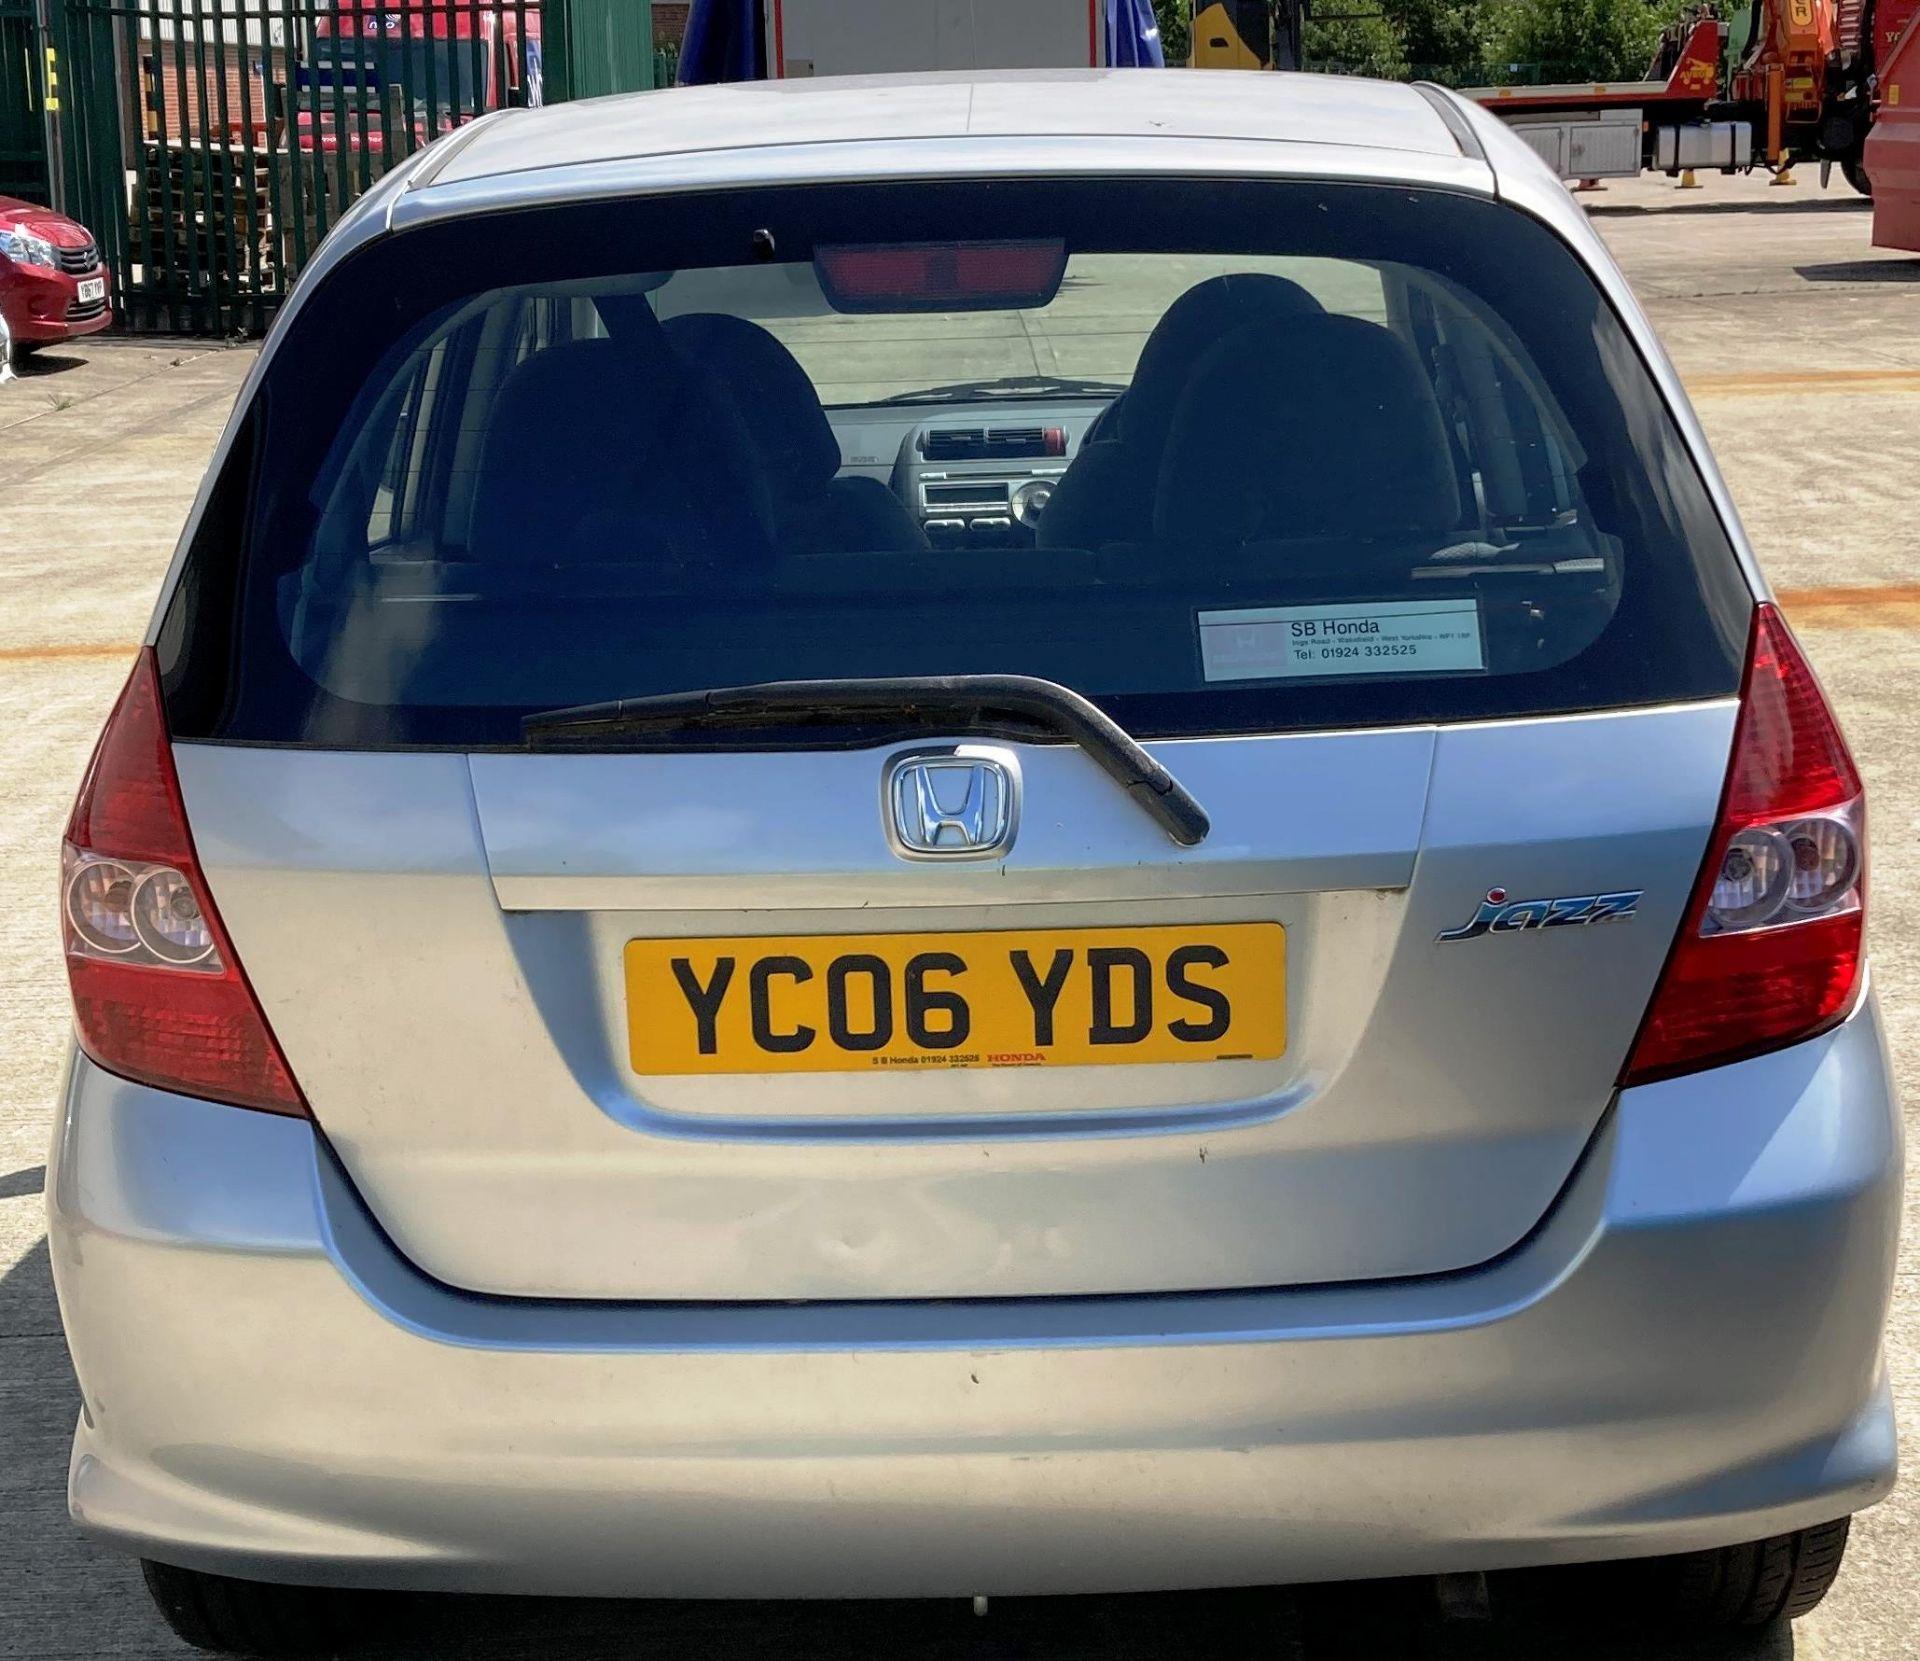 FROM A DECEASED ESTATE HONDA JAZZ 1.3 SE 5 door hatchback - petrol - silver Reg No: YC06 YDS Rec. - Image 4 of 4